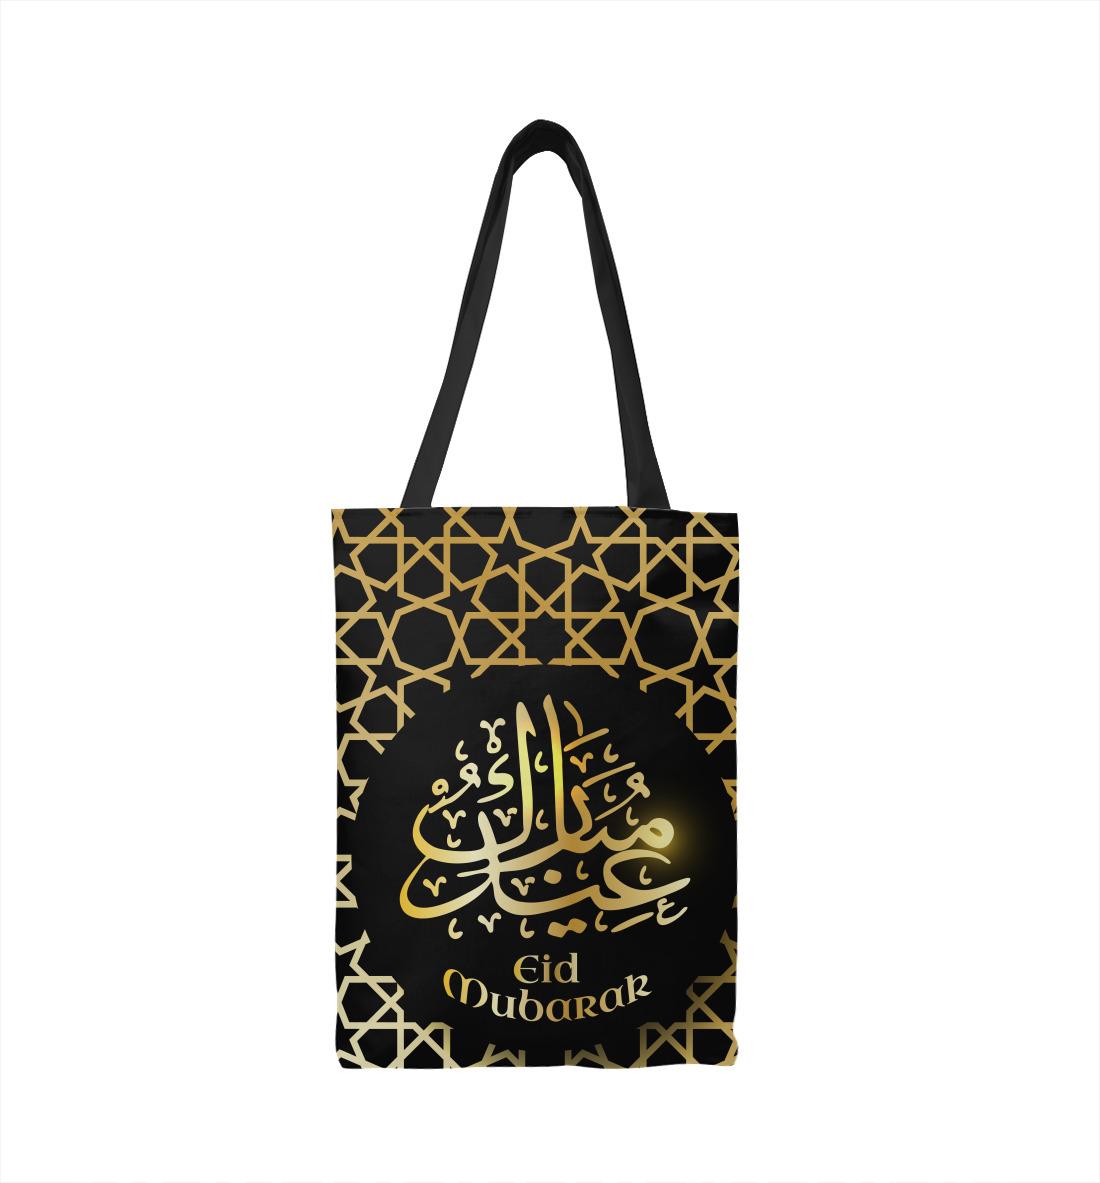 Eid Mabarar